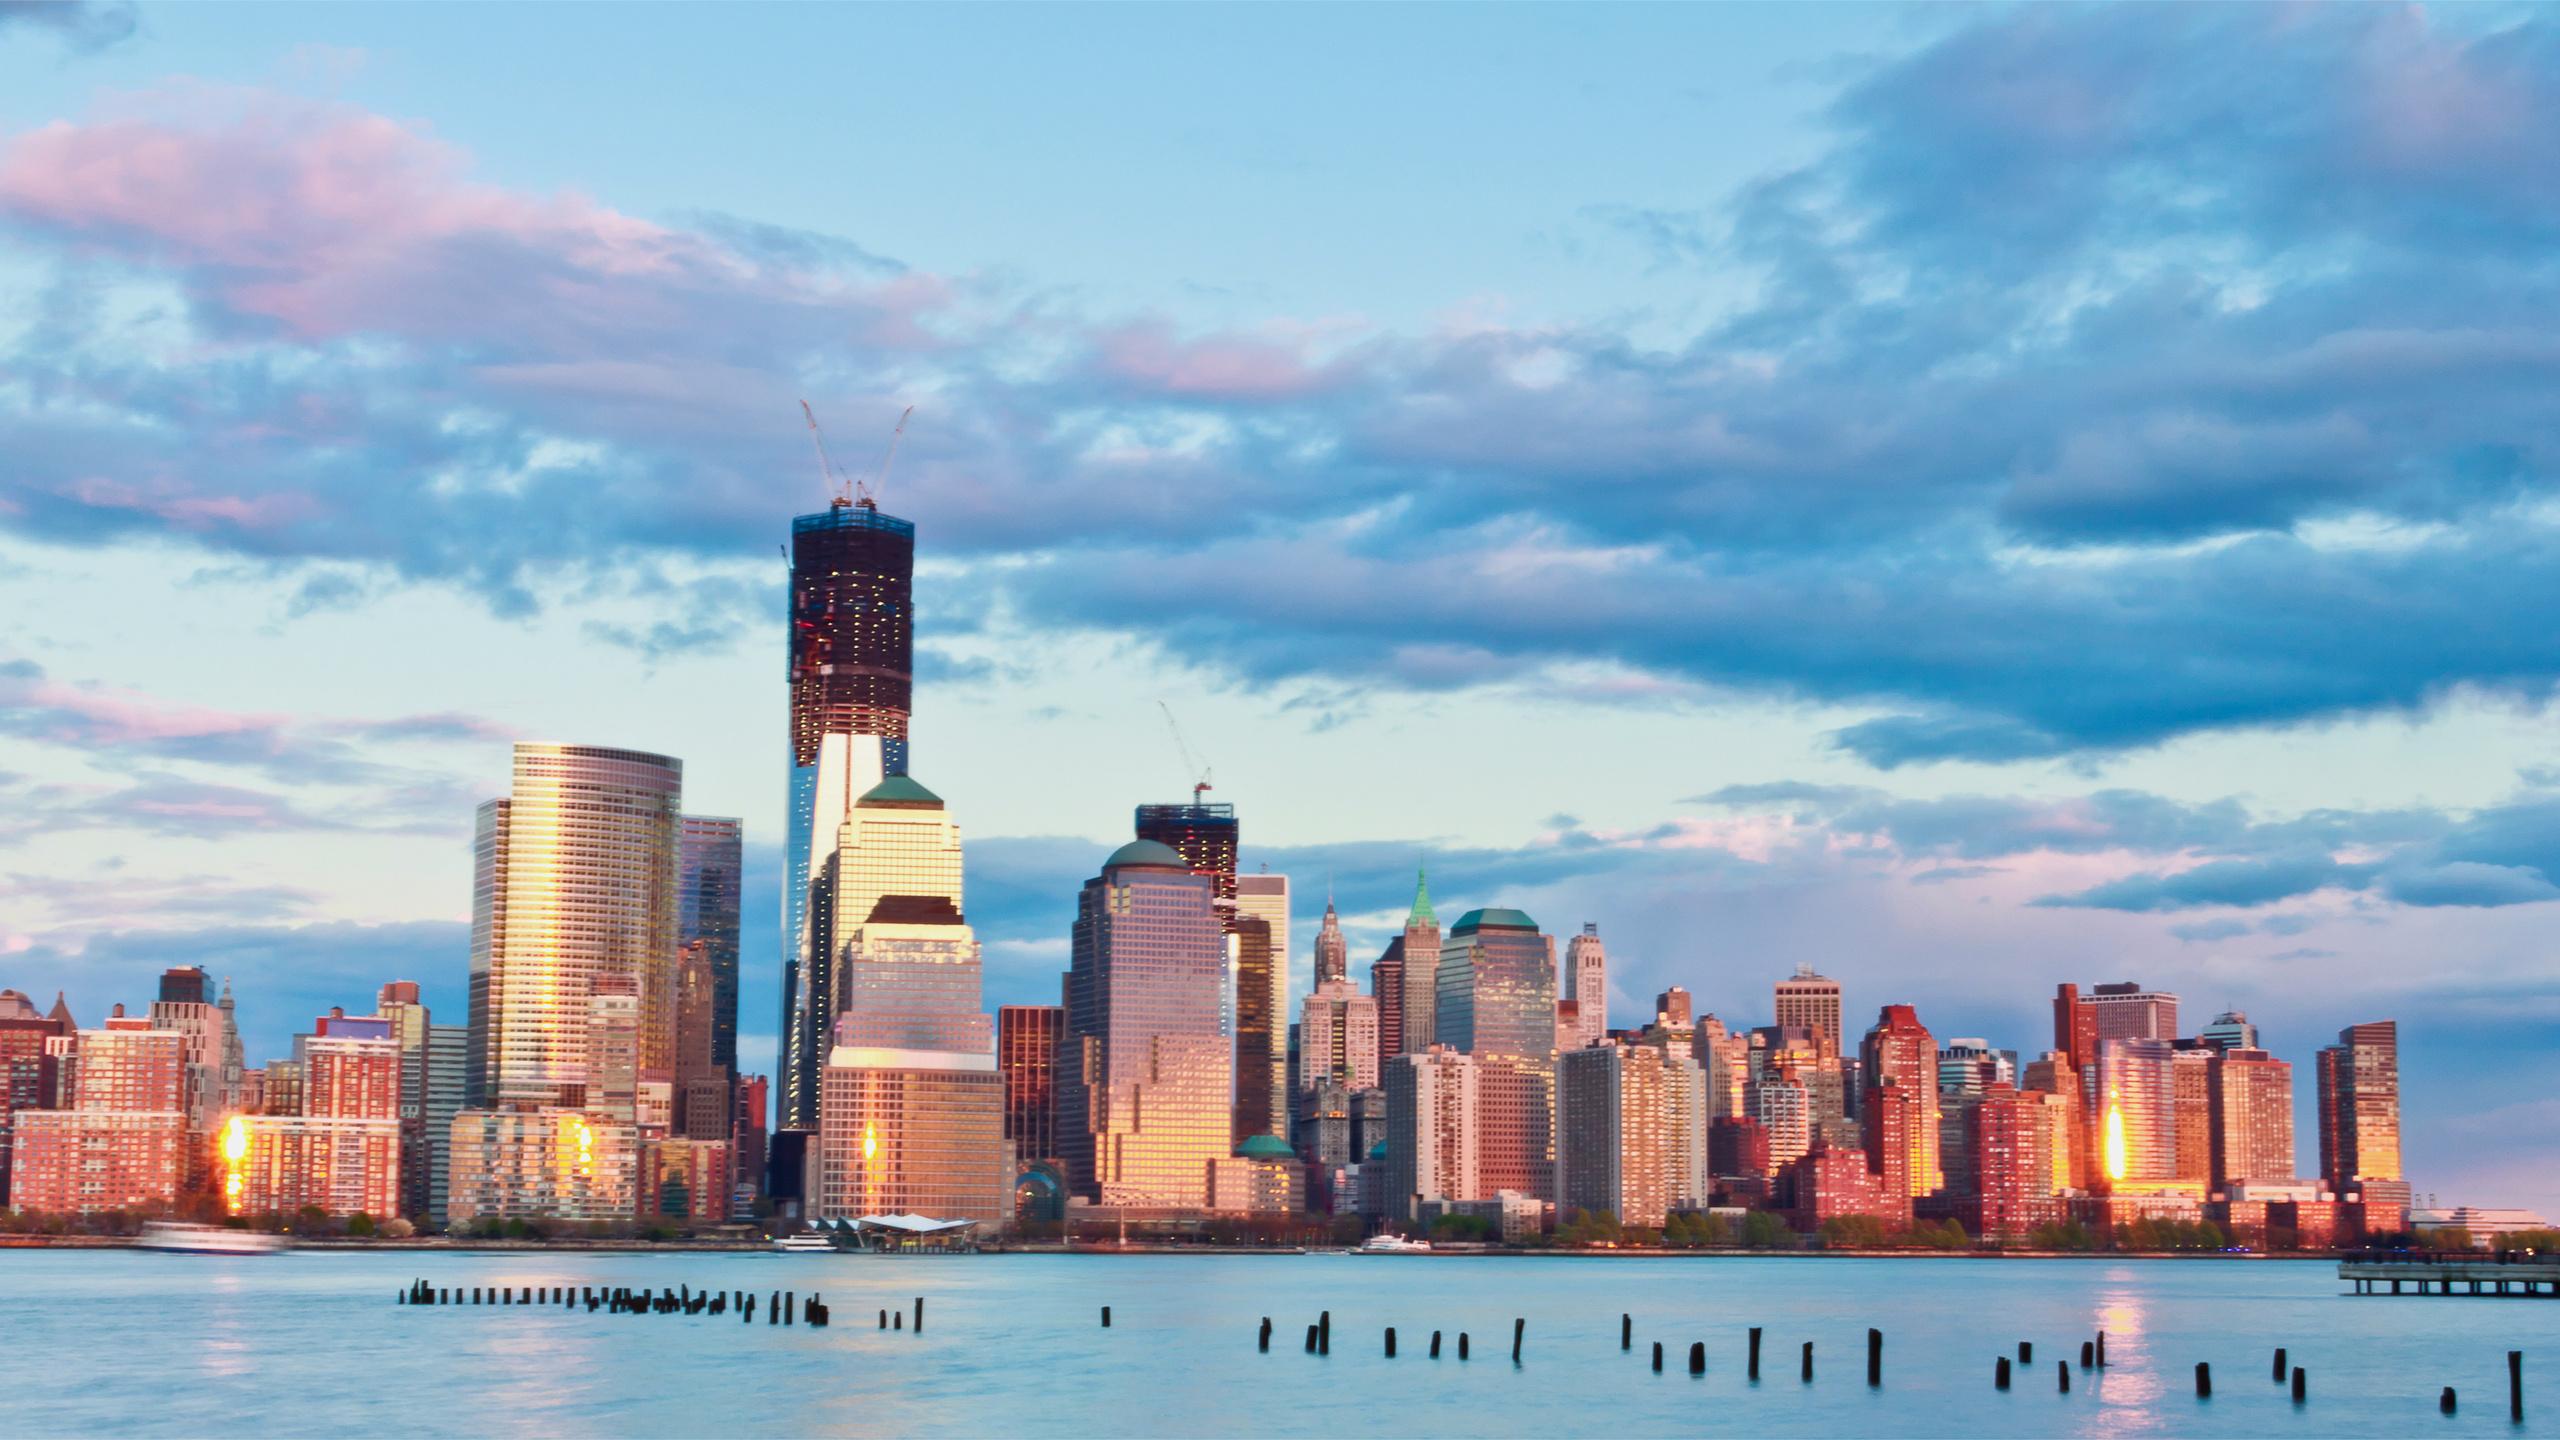 нью-йорк, здания, Usa, небоскребы, сша, мегаполис, new york